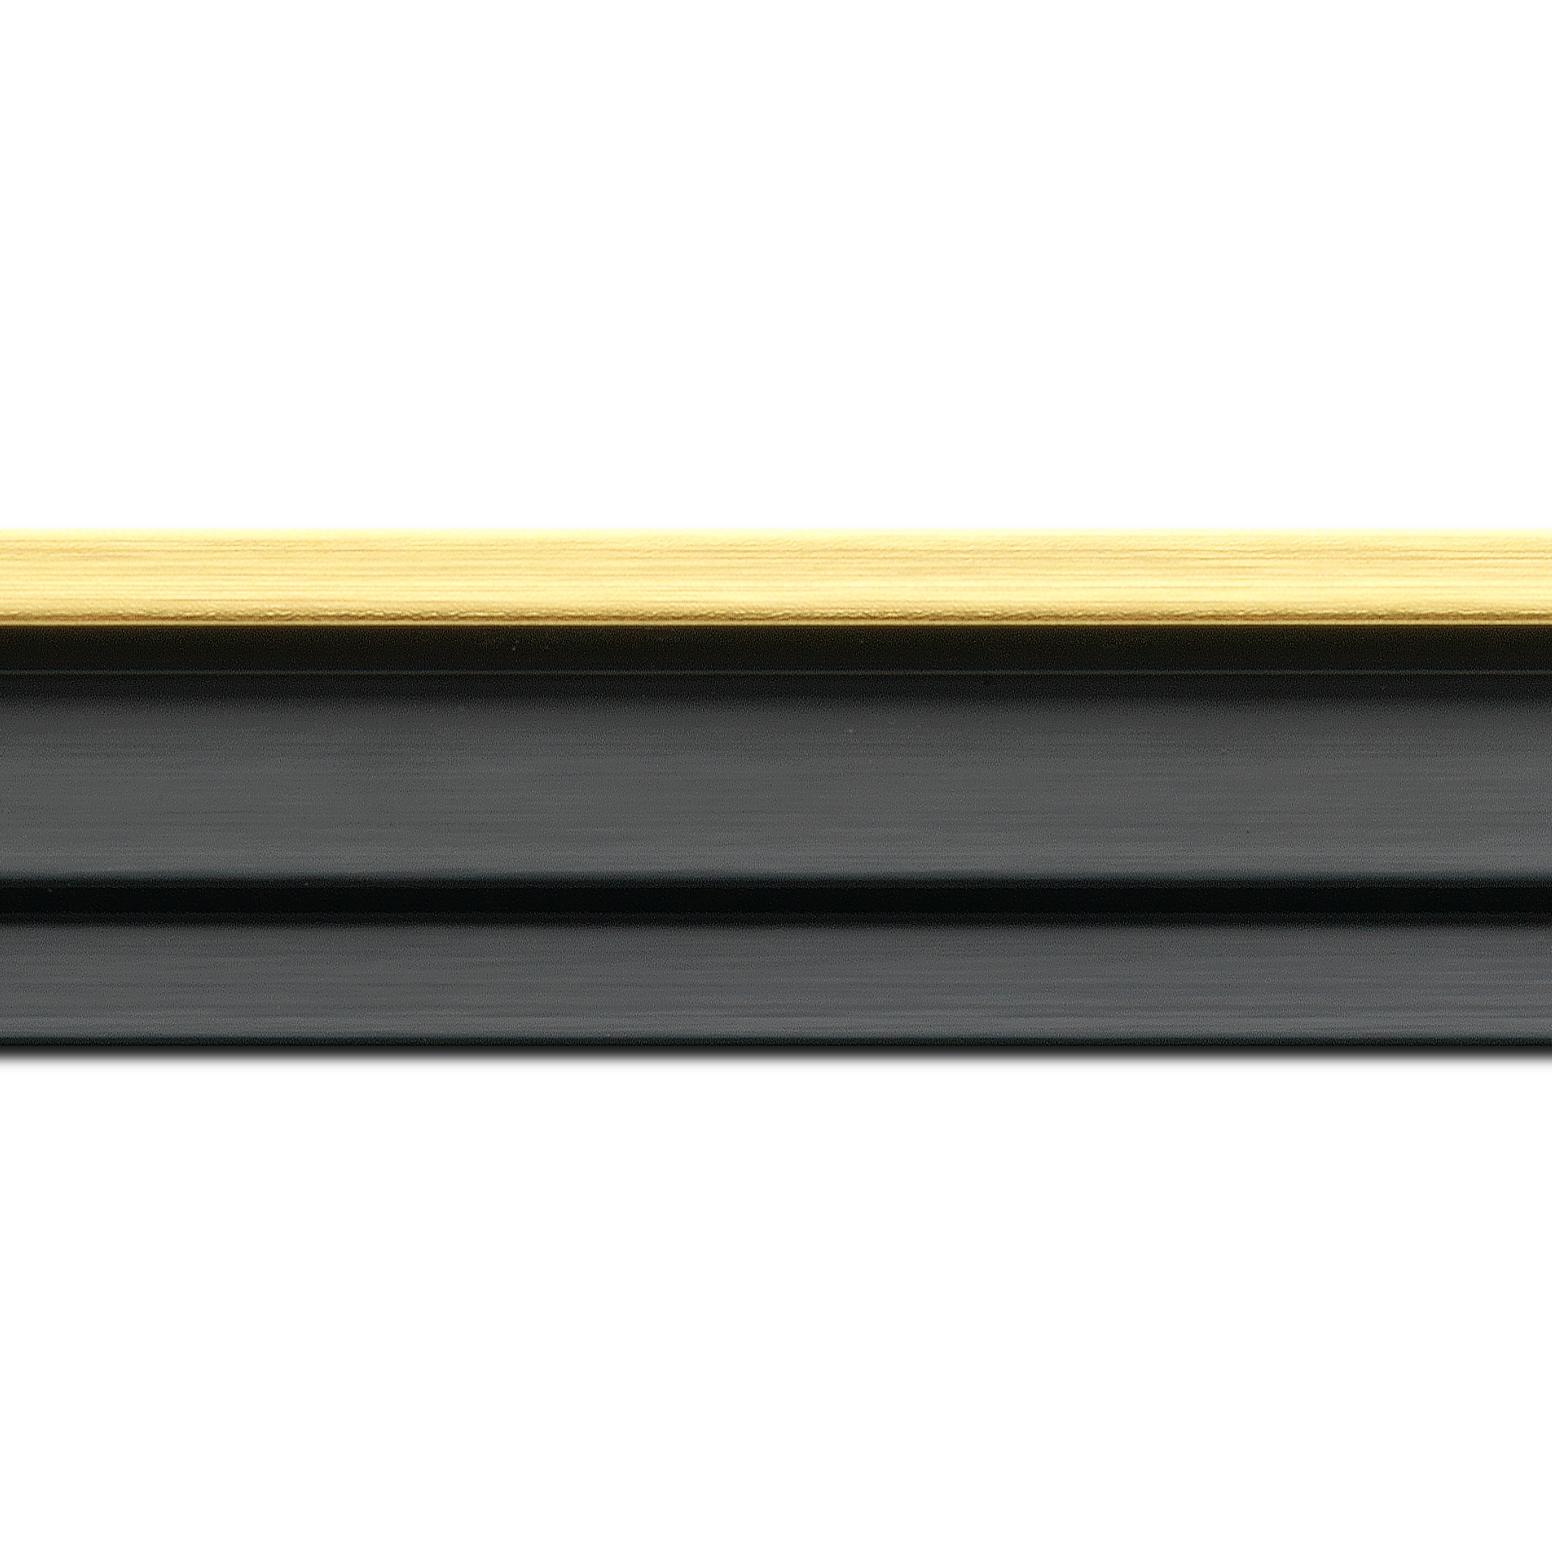 Baguette longueur 1.40m bois caisse américaine profil escalier largeur 4.4cm noir mat  filet or (spécialement conçu pour les châssis d'une épaisseur jusqu'à 2.5cm )